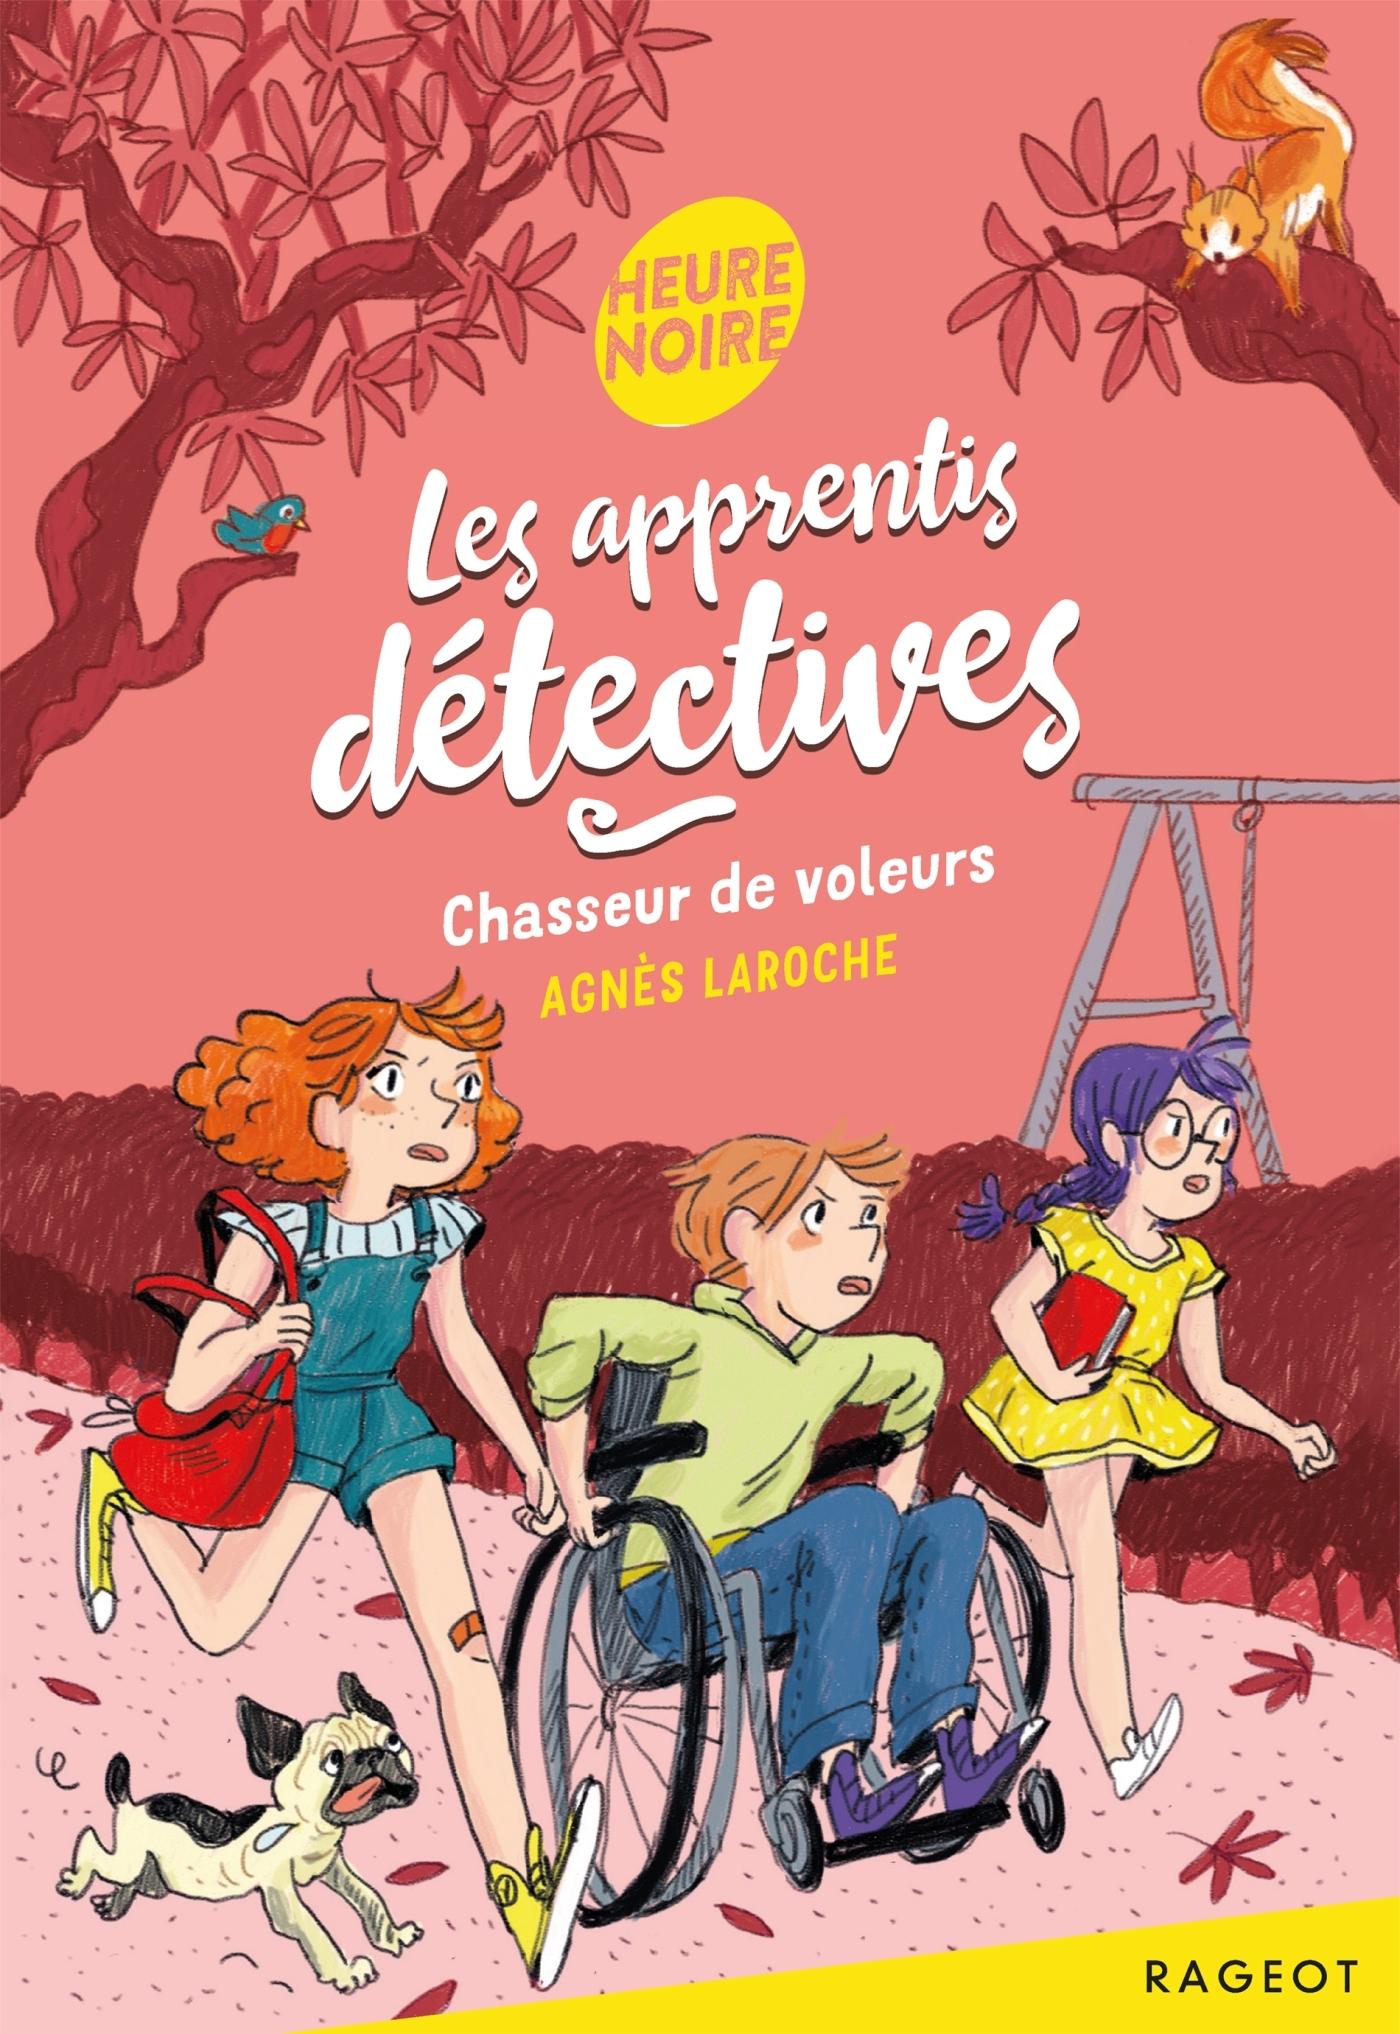 LES APPRENTIS DETECTIVES - T03 - LES APPRENTIS DETECTIVES - CHASSEUR DE VOLEURS